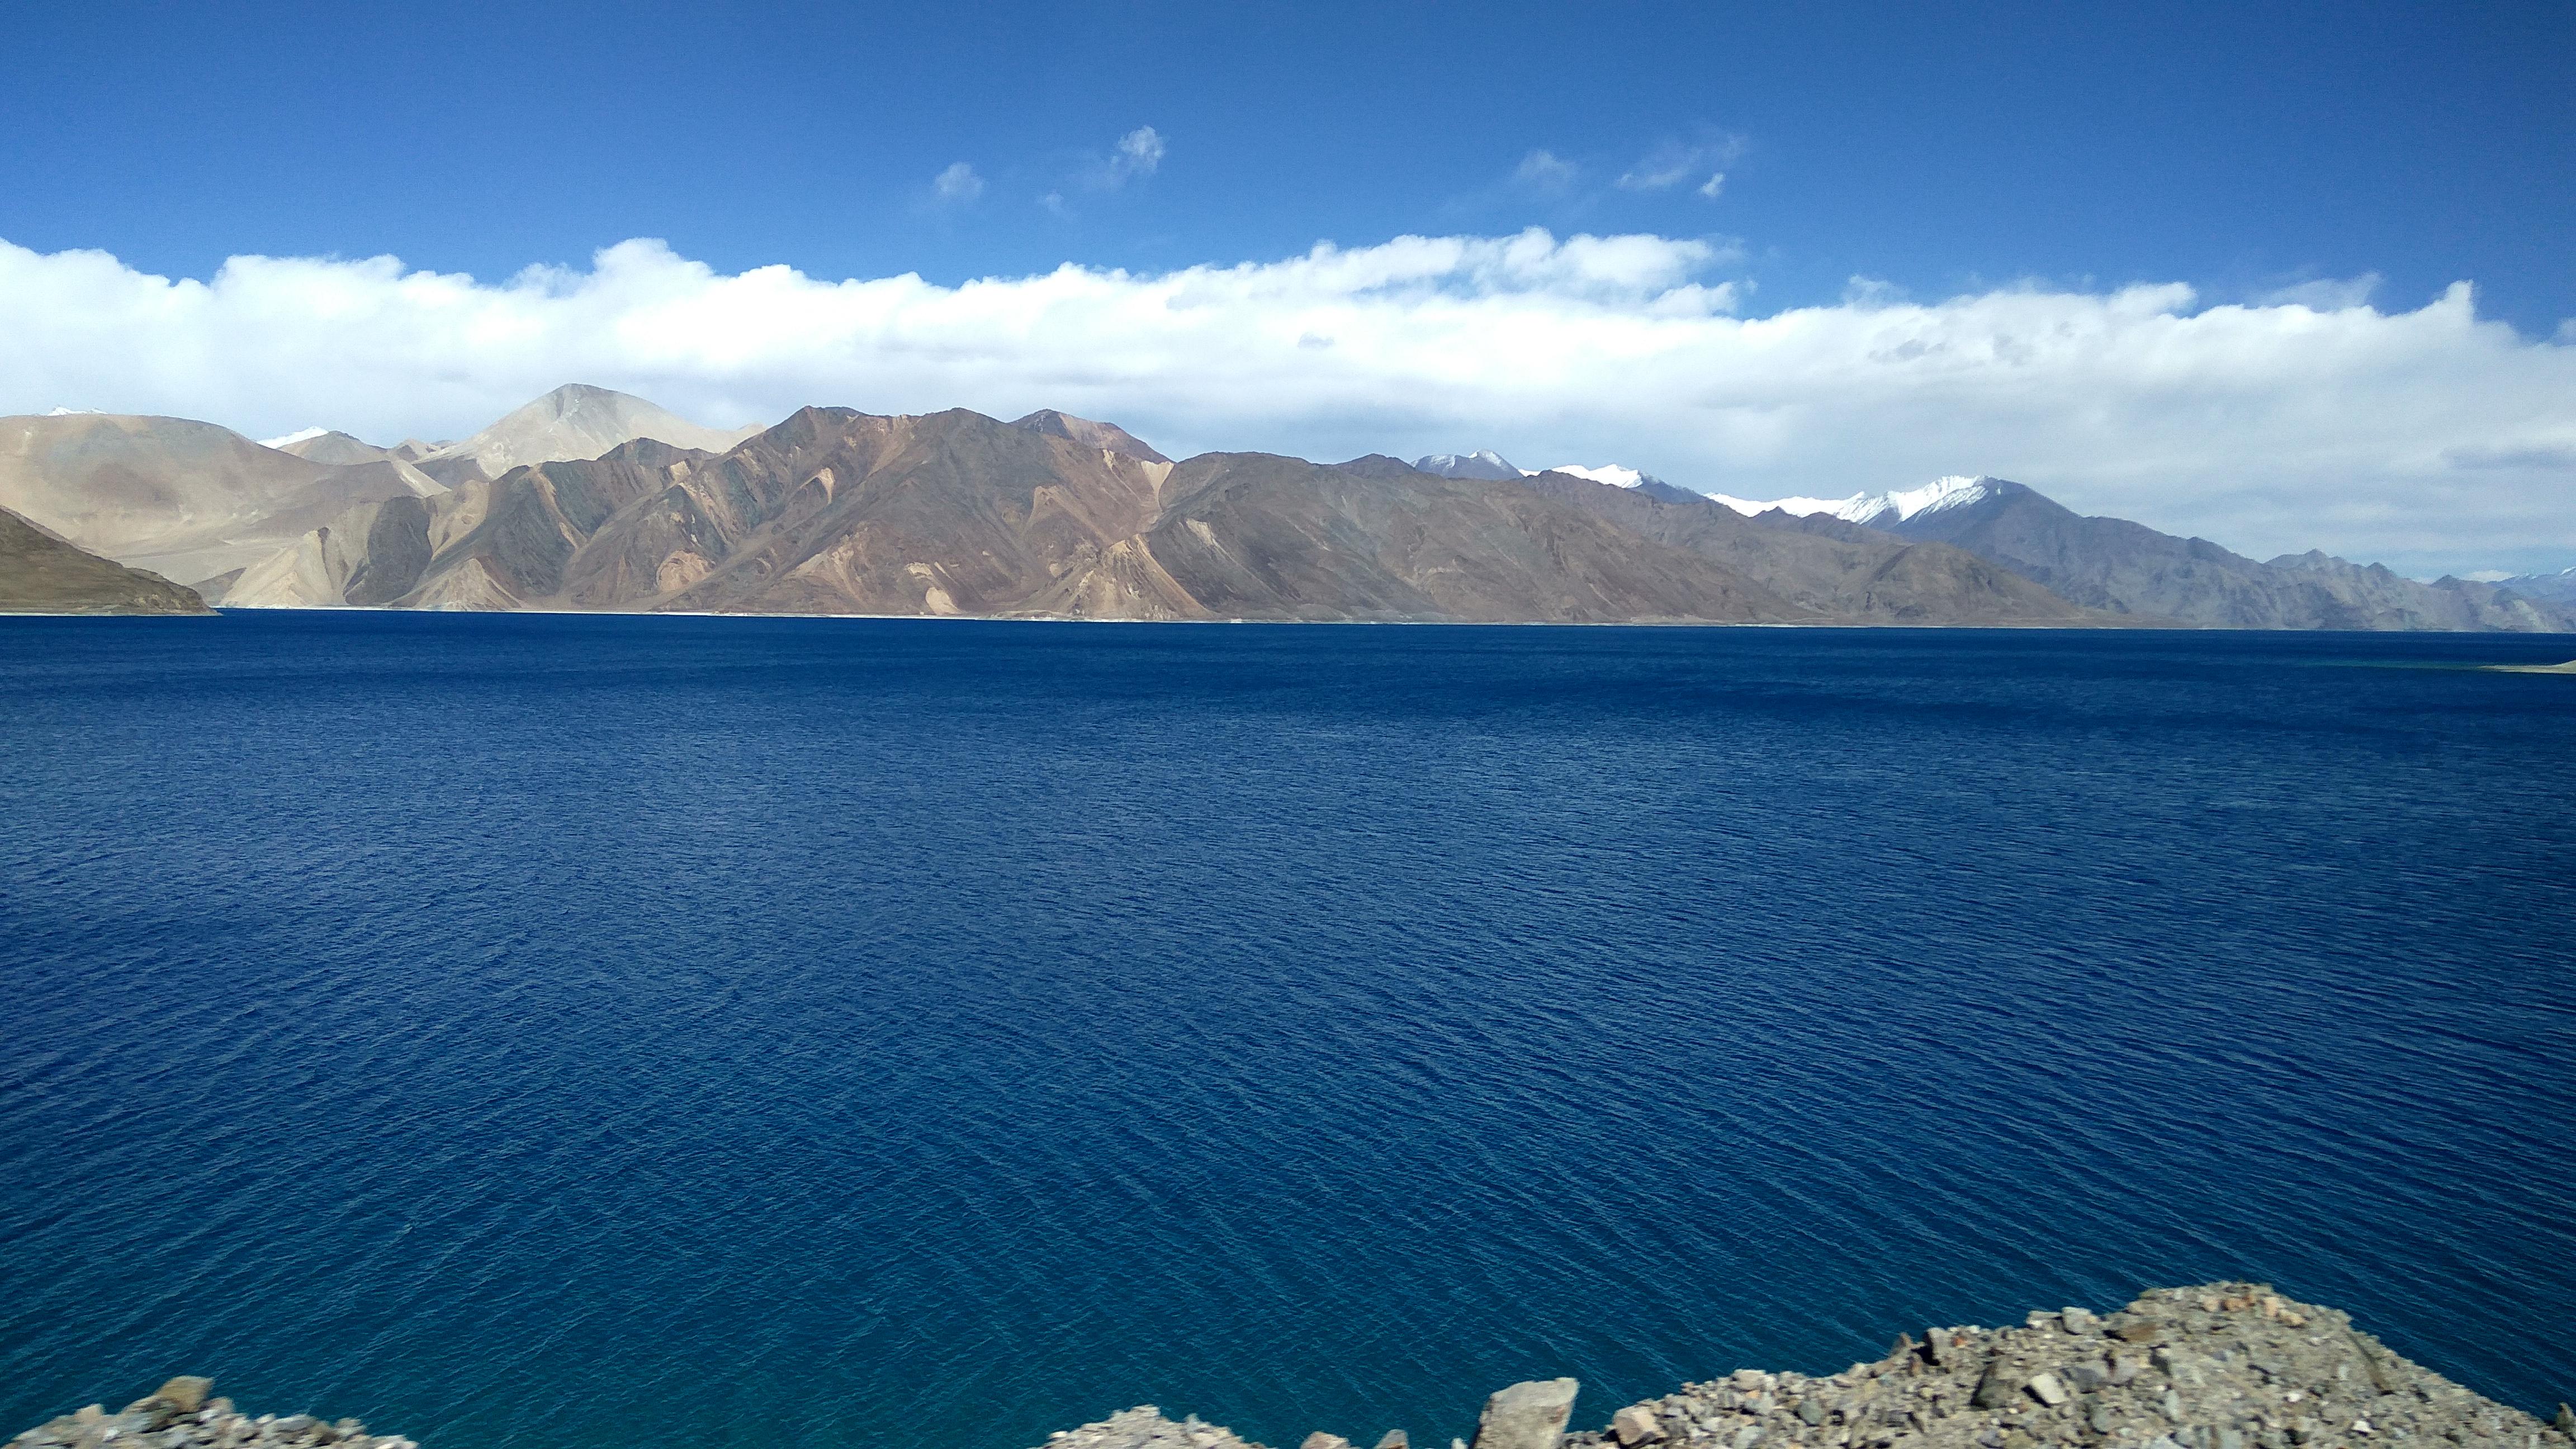 File:Pangong Tso Lake, Ladakh, India.jpg - Wikimedia Commons